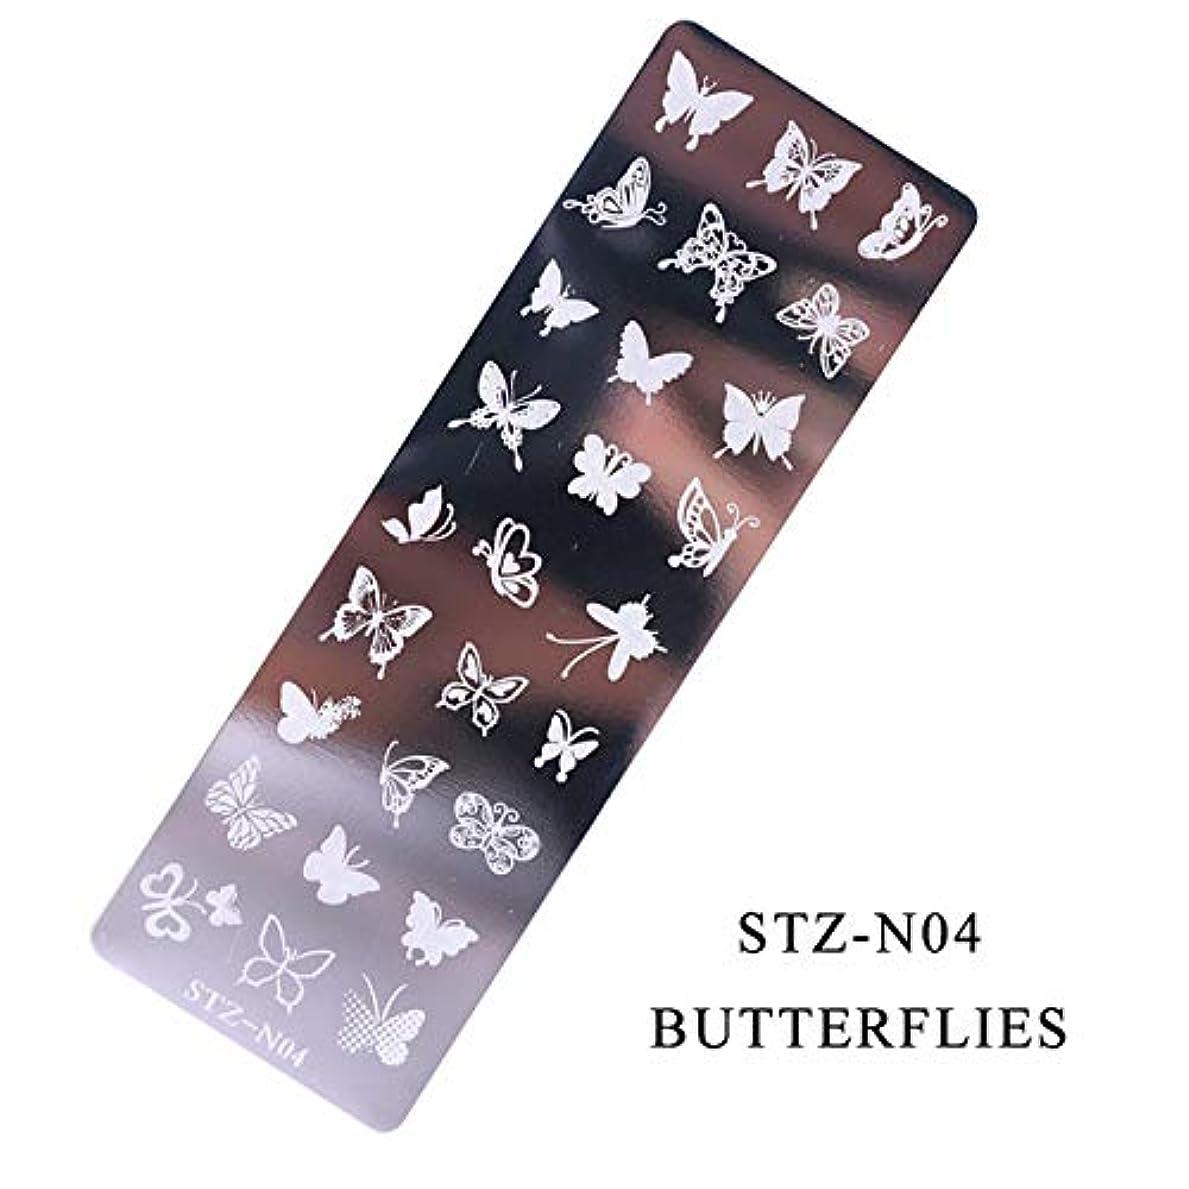 1枚 花 フラワー クリスマス 蝶々 スタンプピング プレート ネイル スタンプ ネイルツール ネイルアート (4)